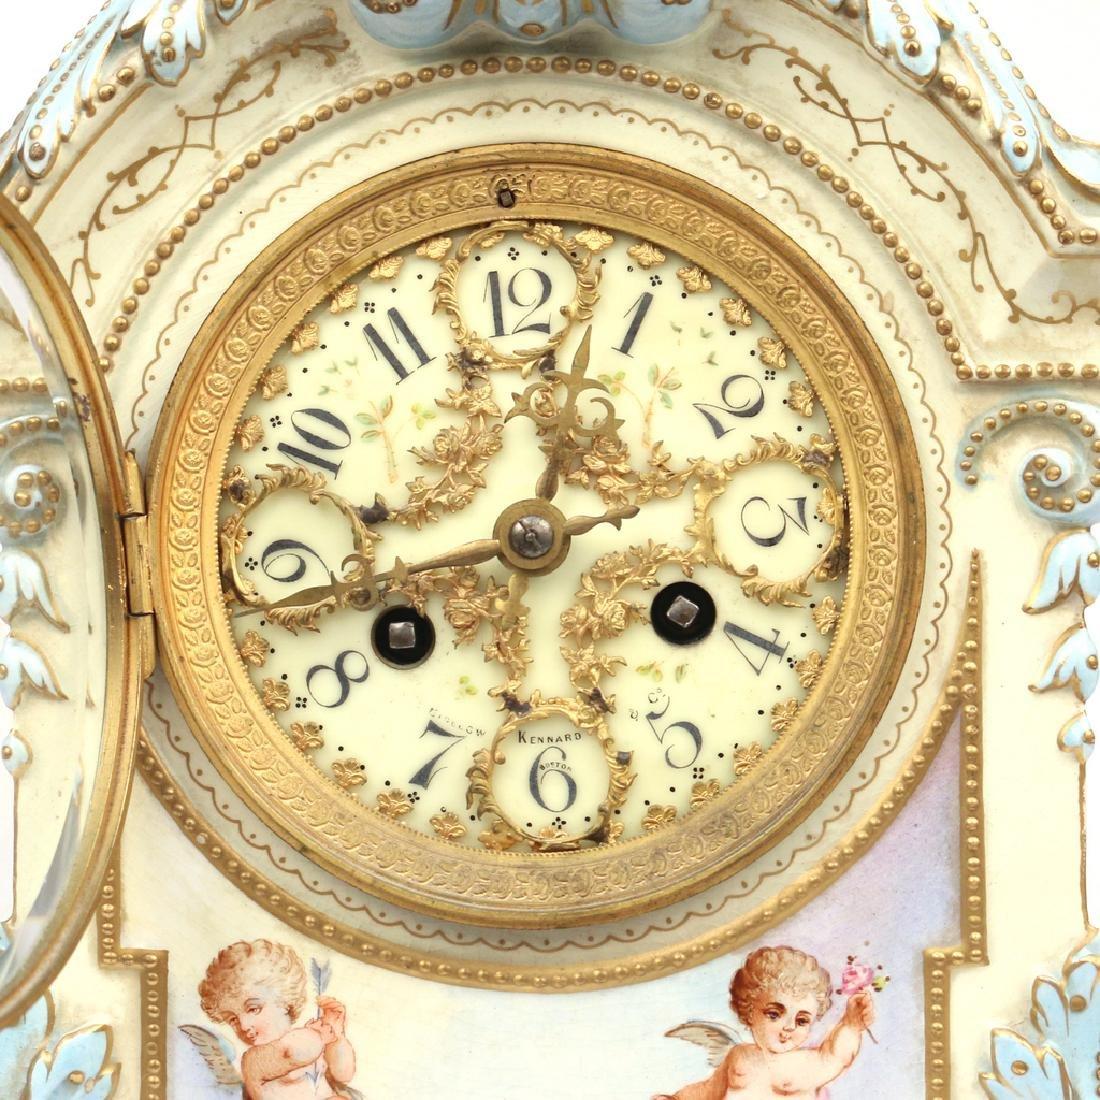 JAPY FRERES ROYAL BONN PORCELAIN MANTEL CLOCK - 4